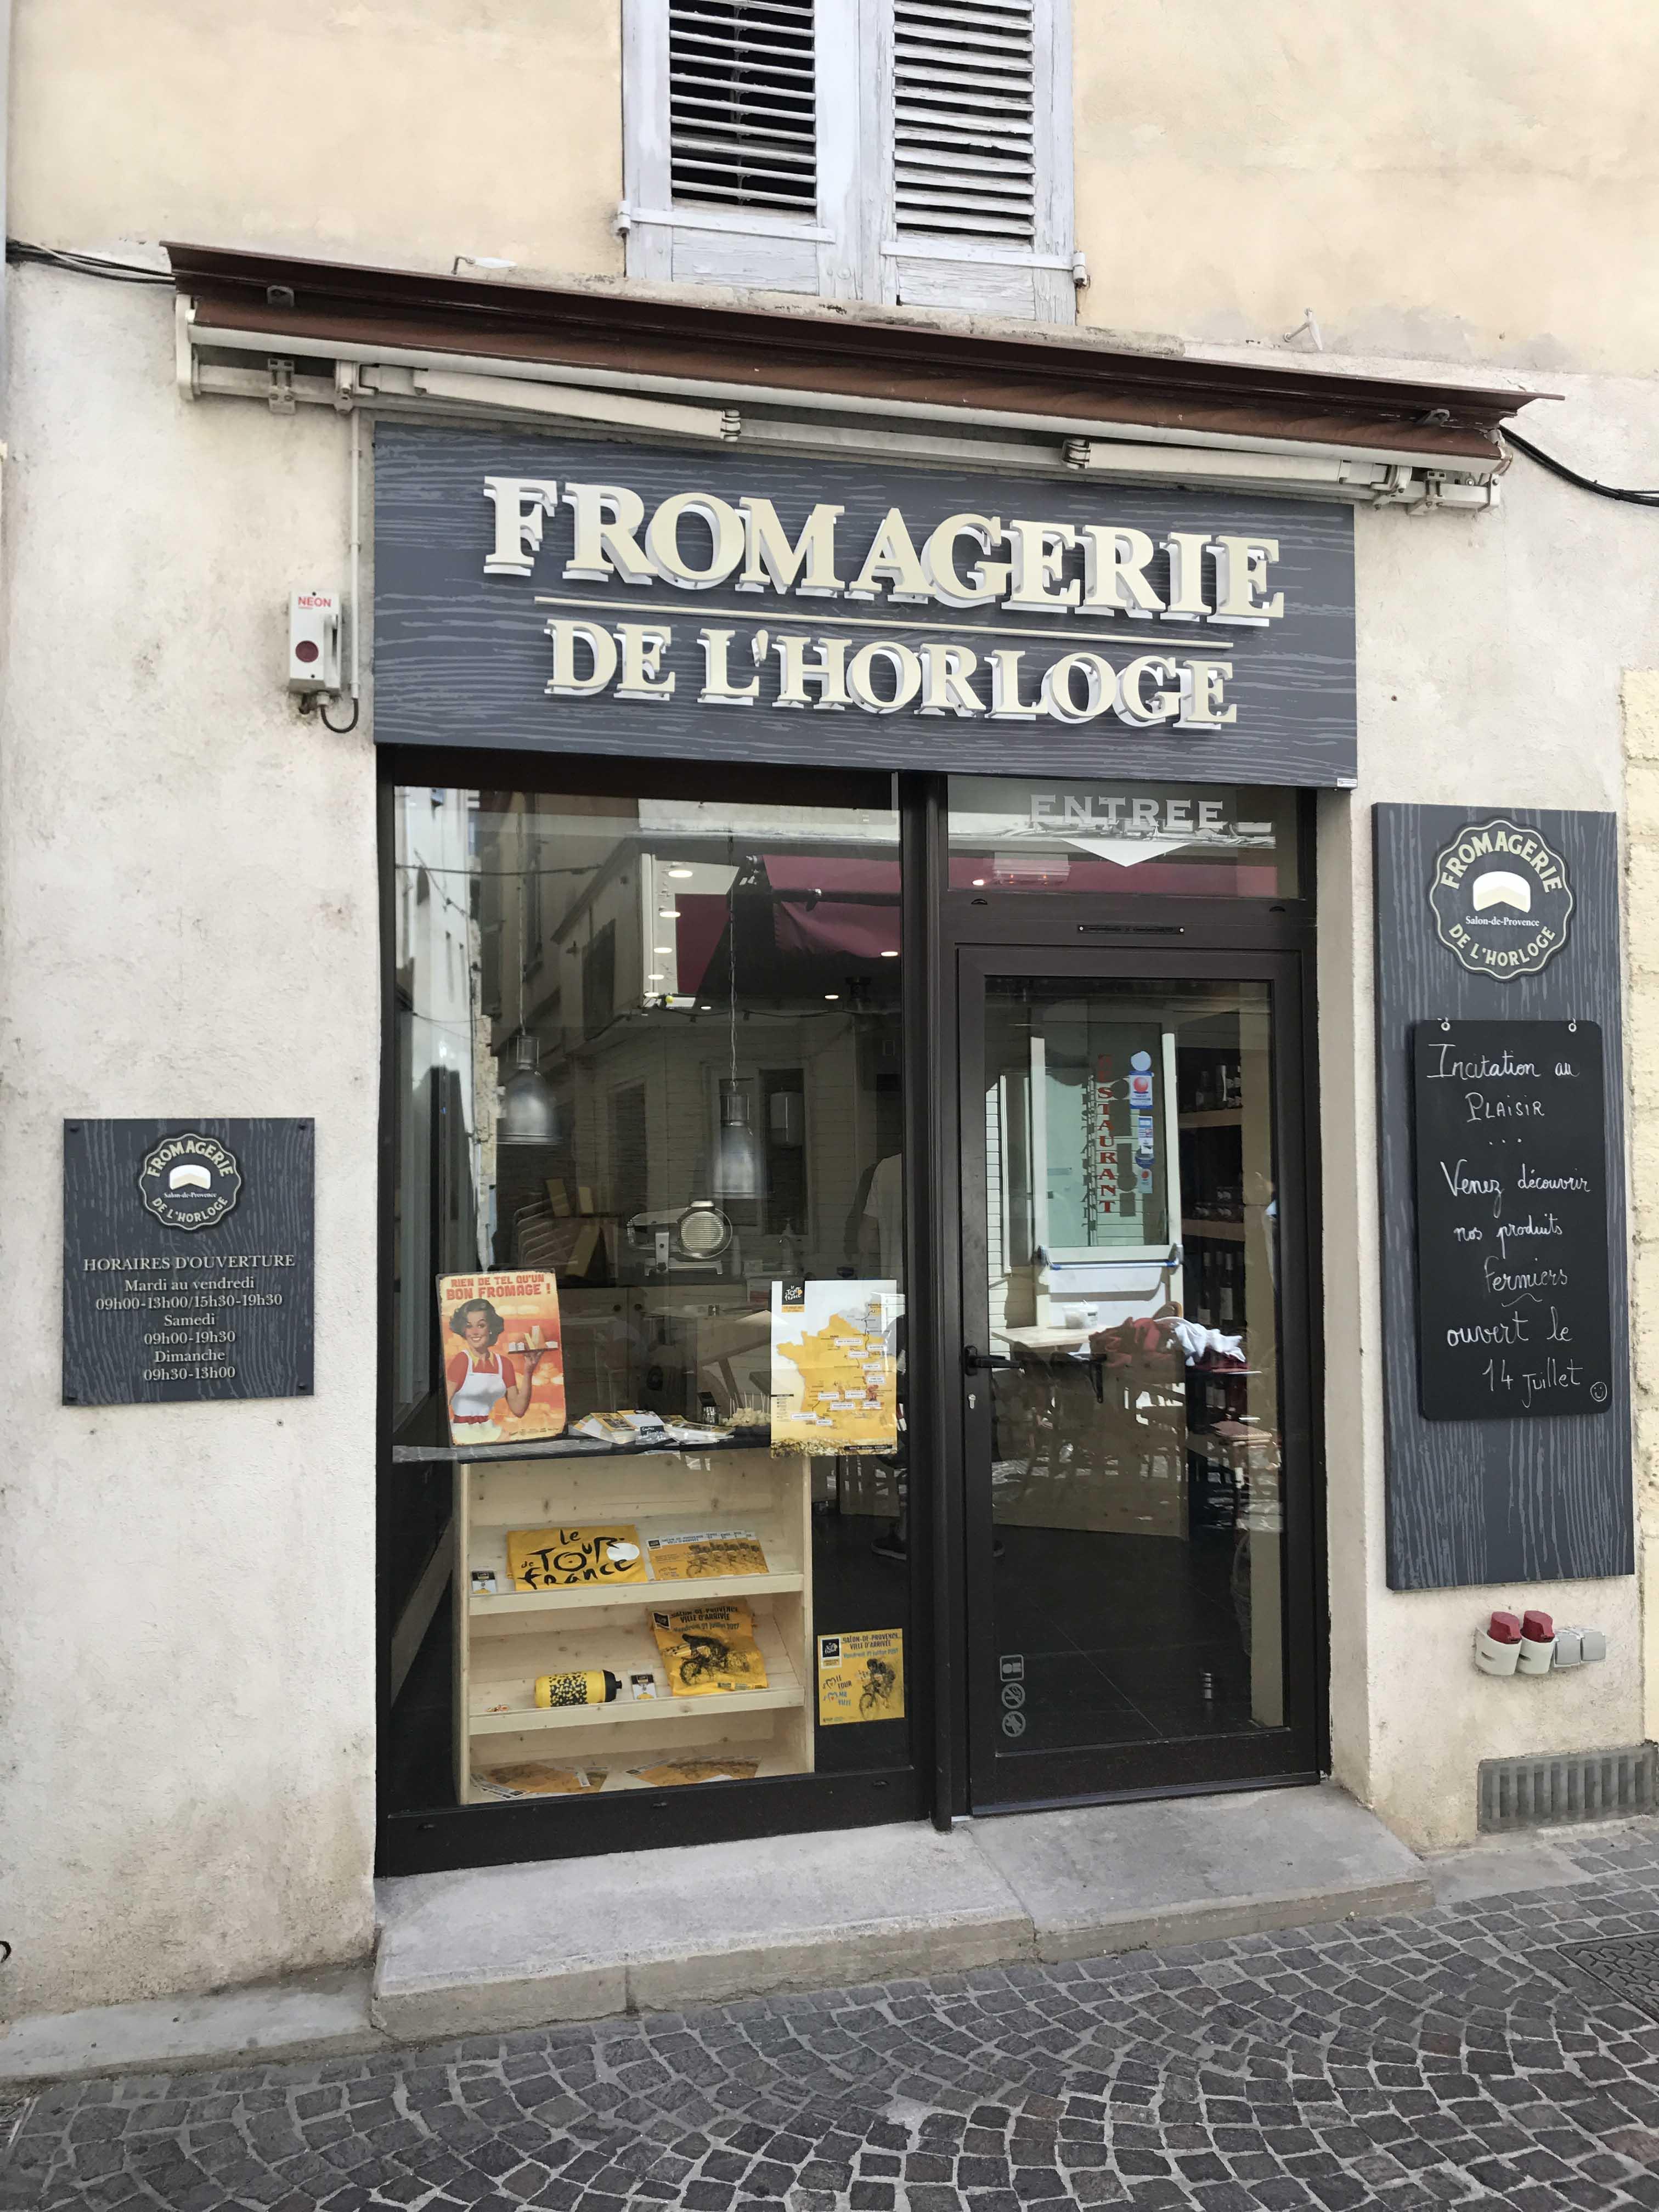 Fromagerie salon de provence fromagerie de l 39 horloge for Patrick pneu salon de provence